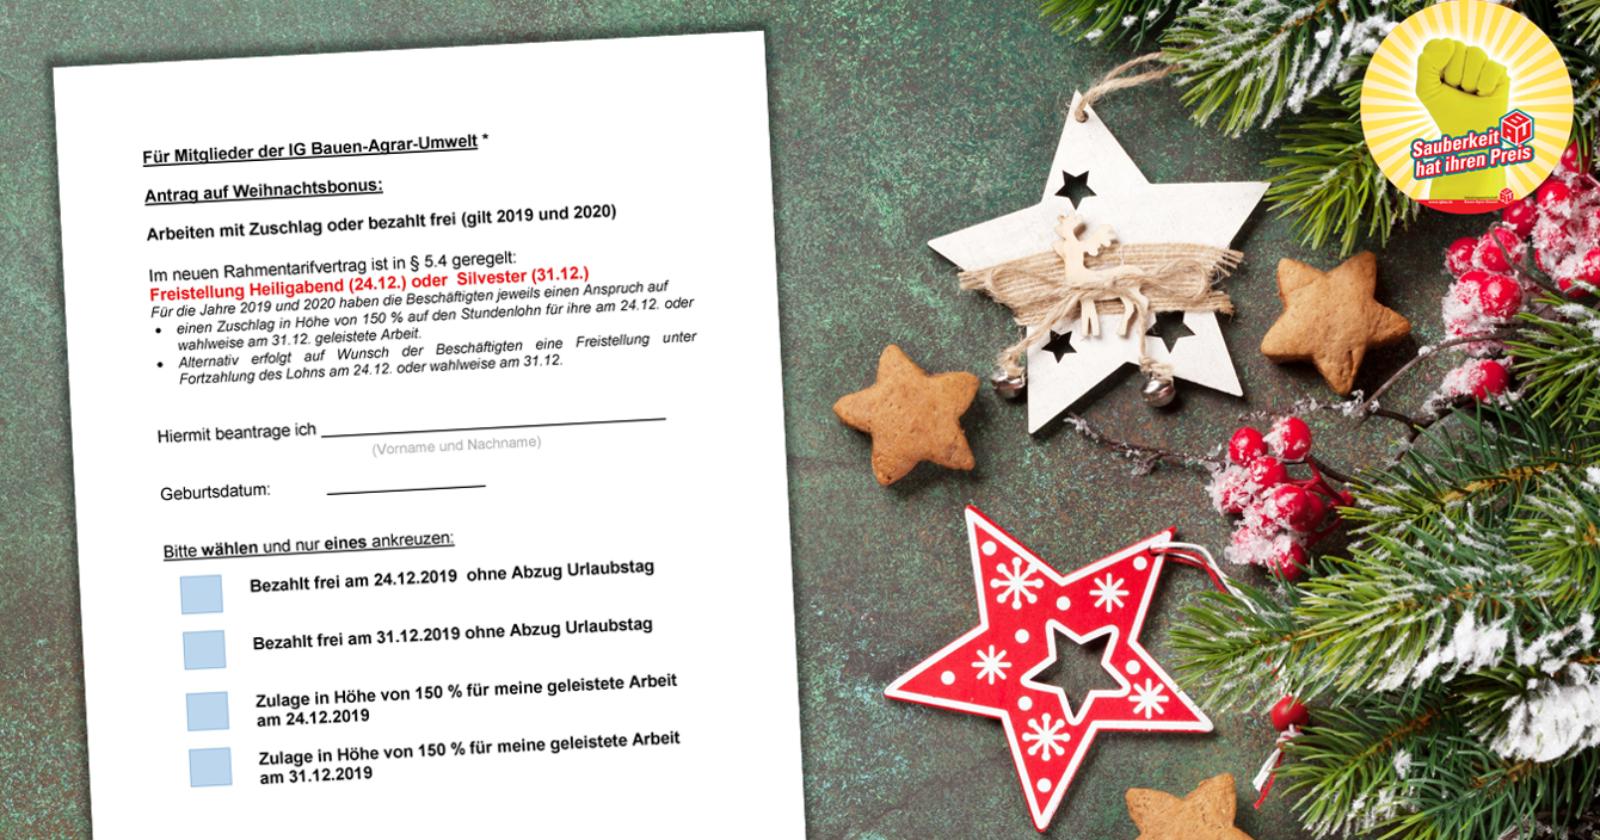 Antragsformular für den Weihnachtsbonus